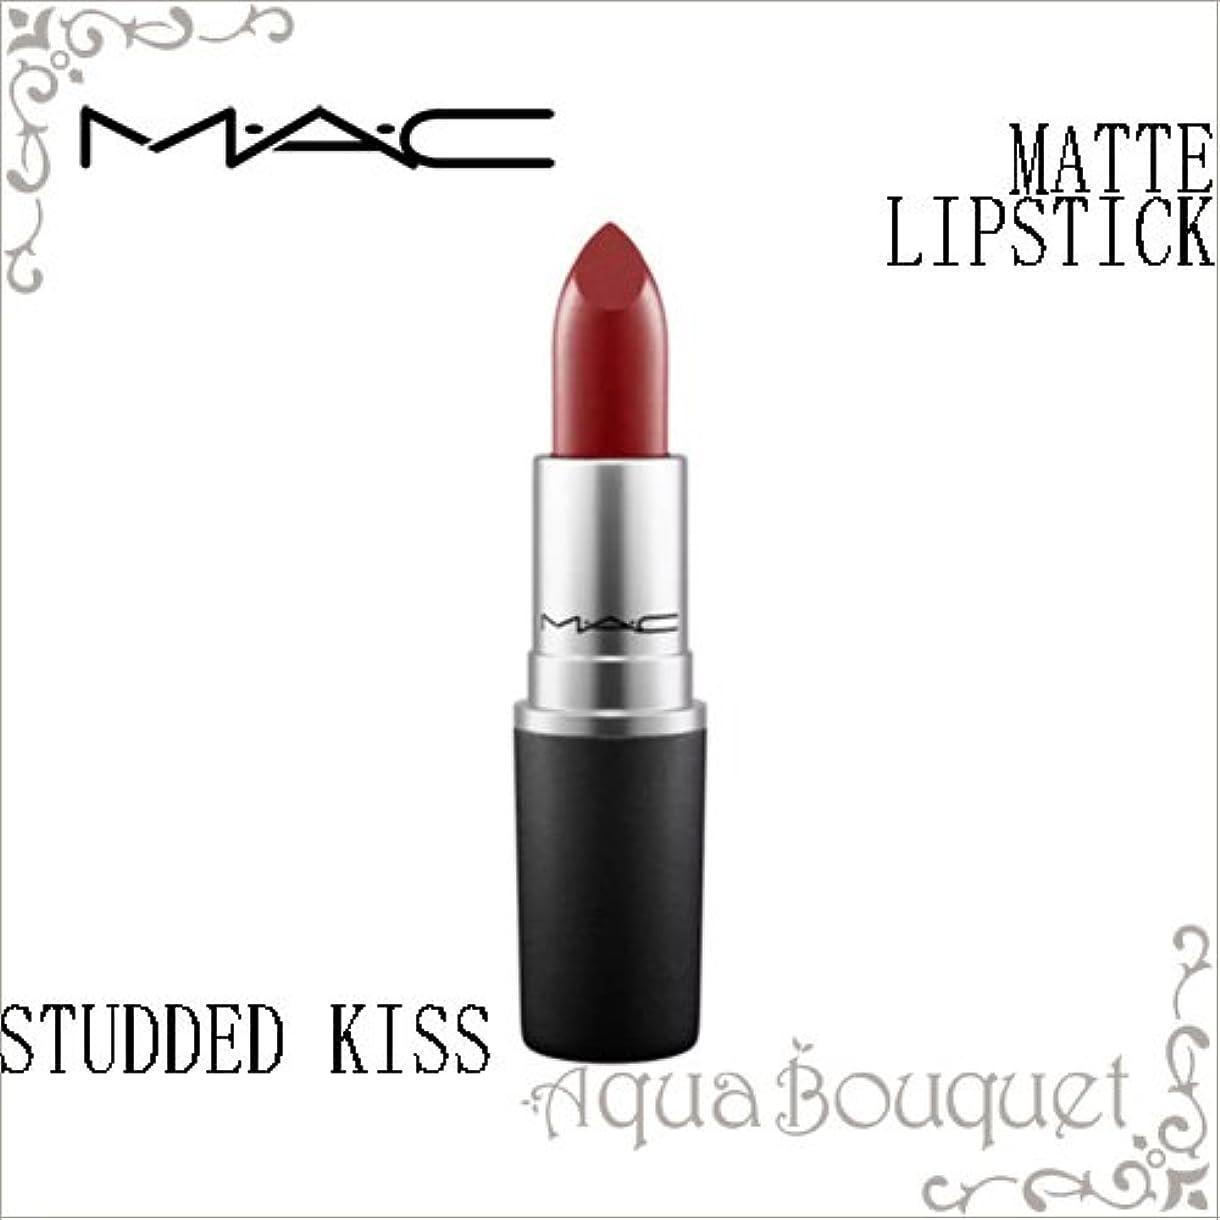 マック(MAC) THE MATTE LIP リップスティックマット #スタディッド キス 3g [388325][並行輸入品]